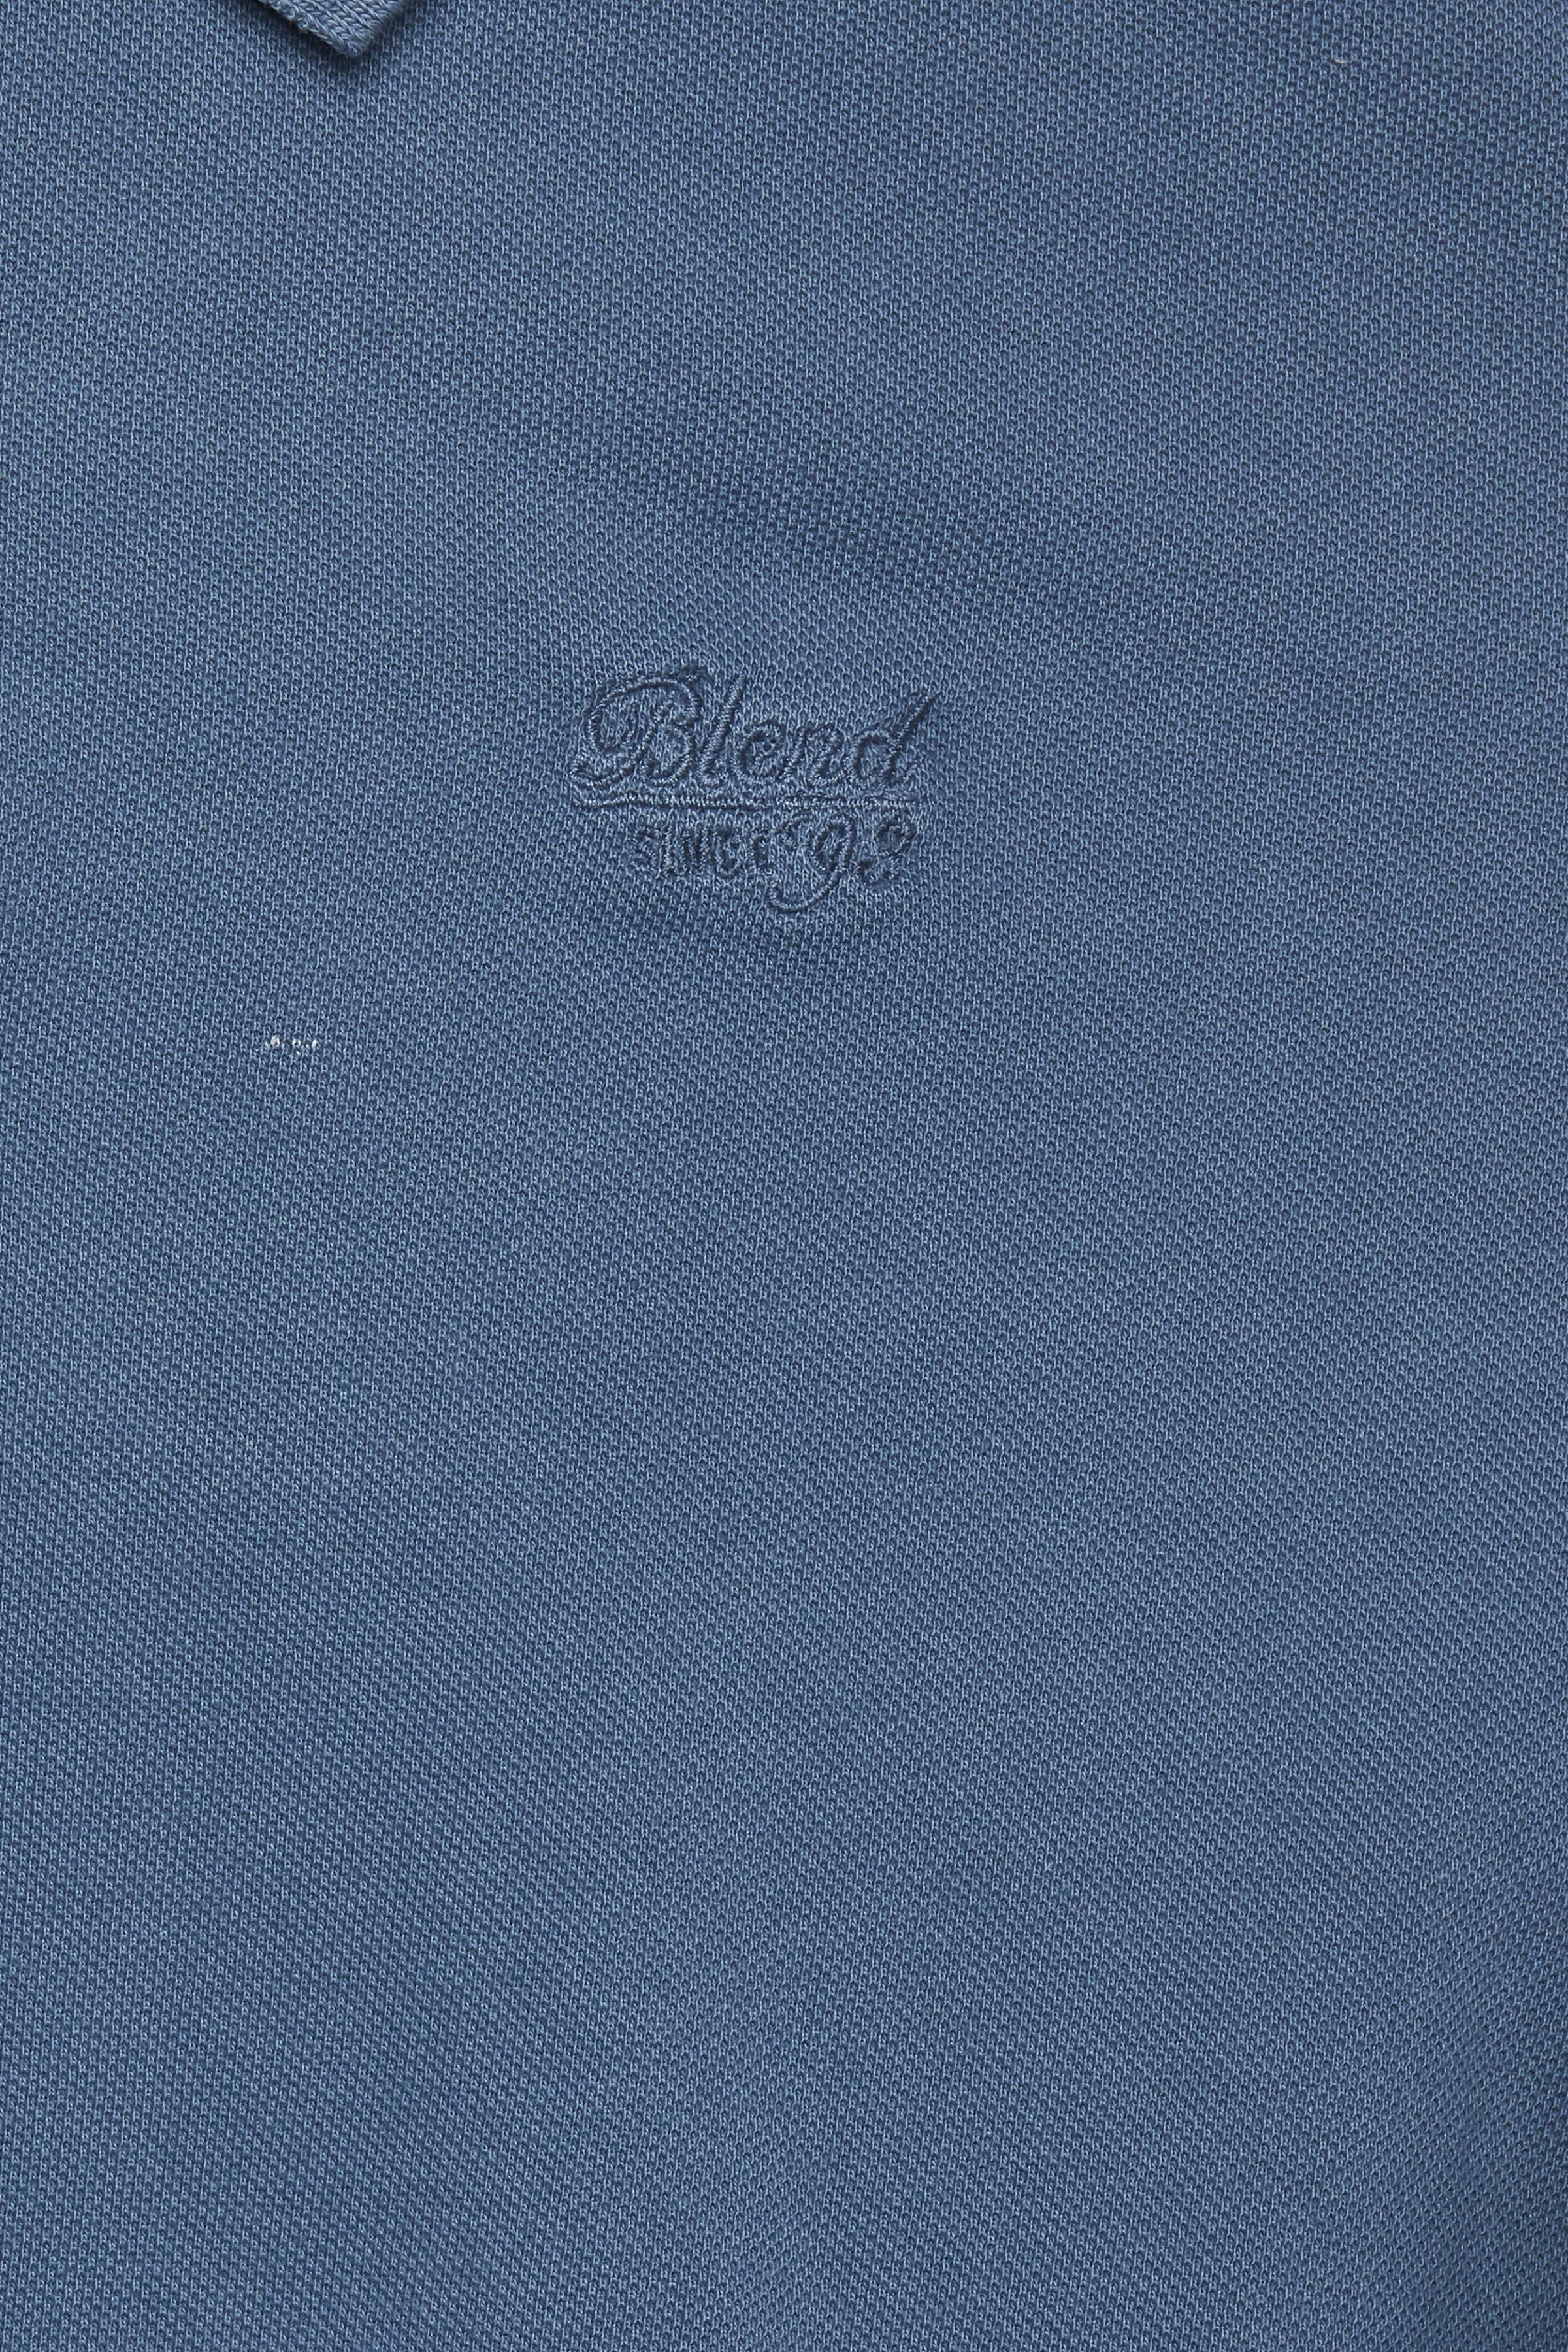 Denim Blue T-shirt – Køb Denim Blue T-shirt fra str. S-XXL her